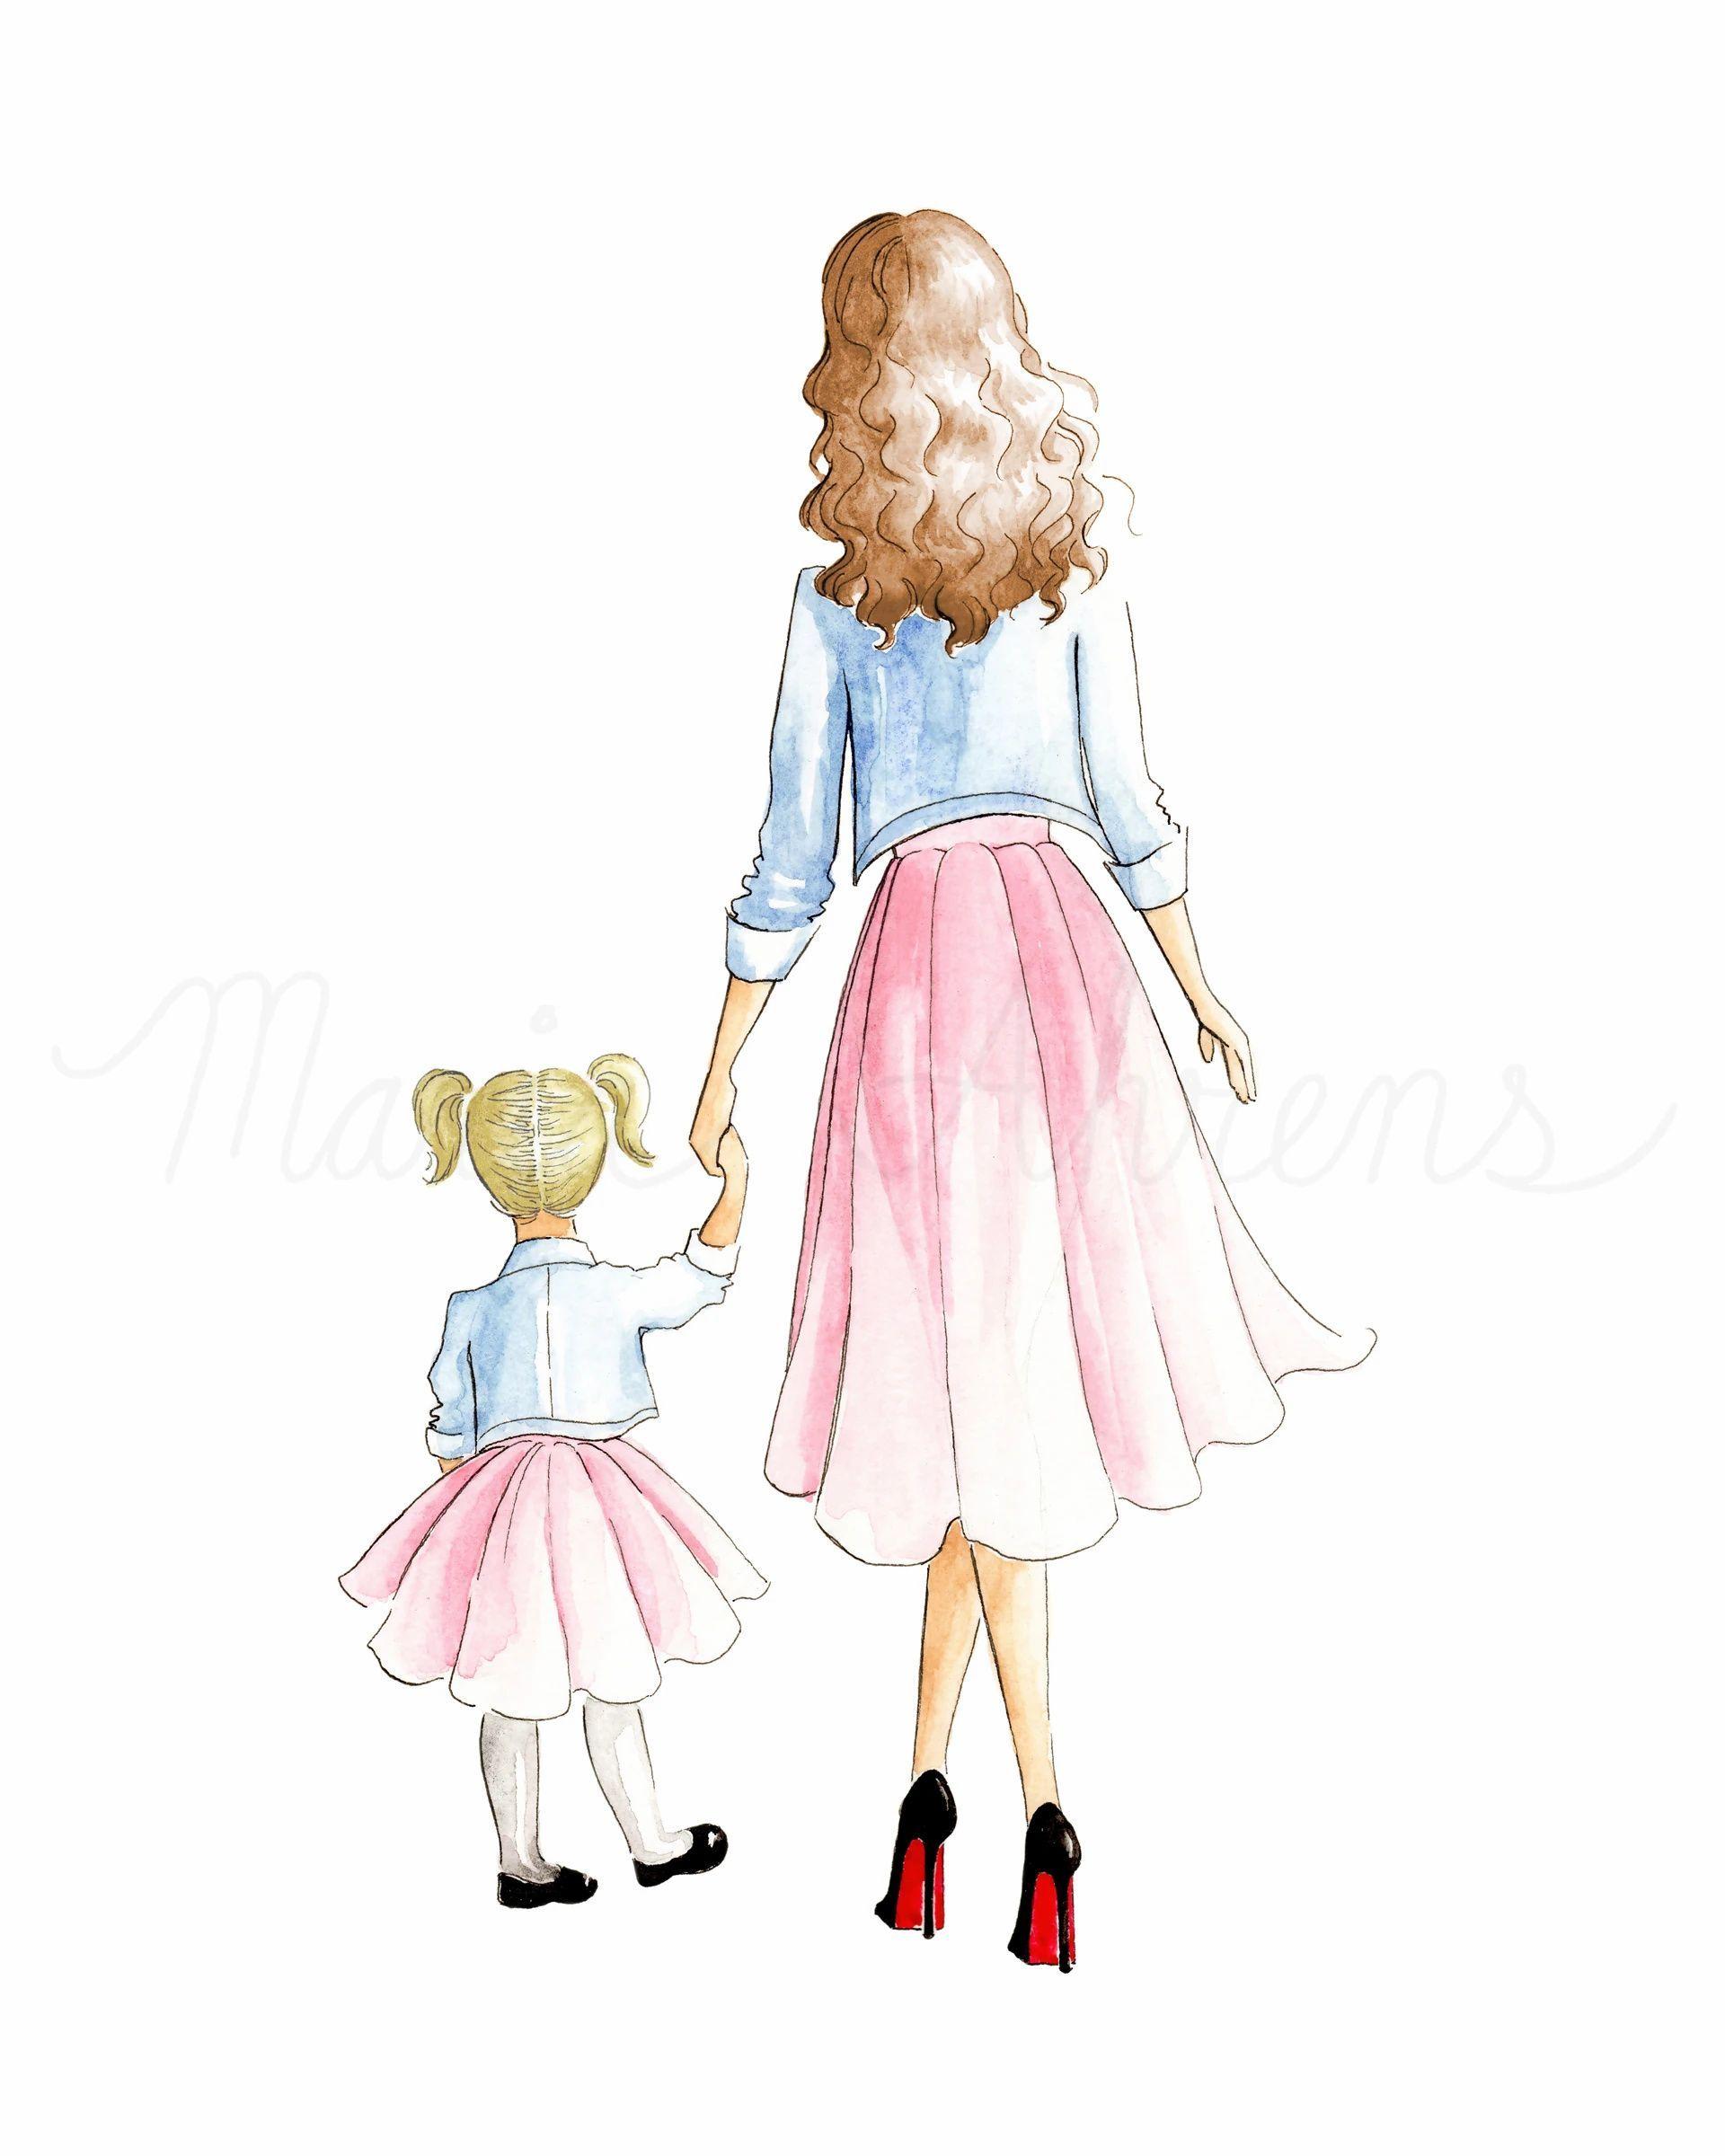 Customizable Mother Daughter Fashion Illustration Art Print gift for mom, gift for her #motherdaughter #fashionillustration #personalized #artprint #walldecor #homedecor #officedecor #giftsforher